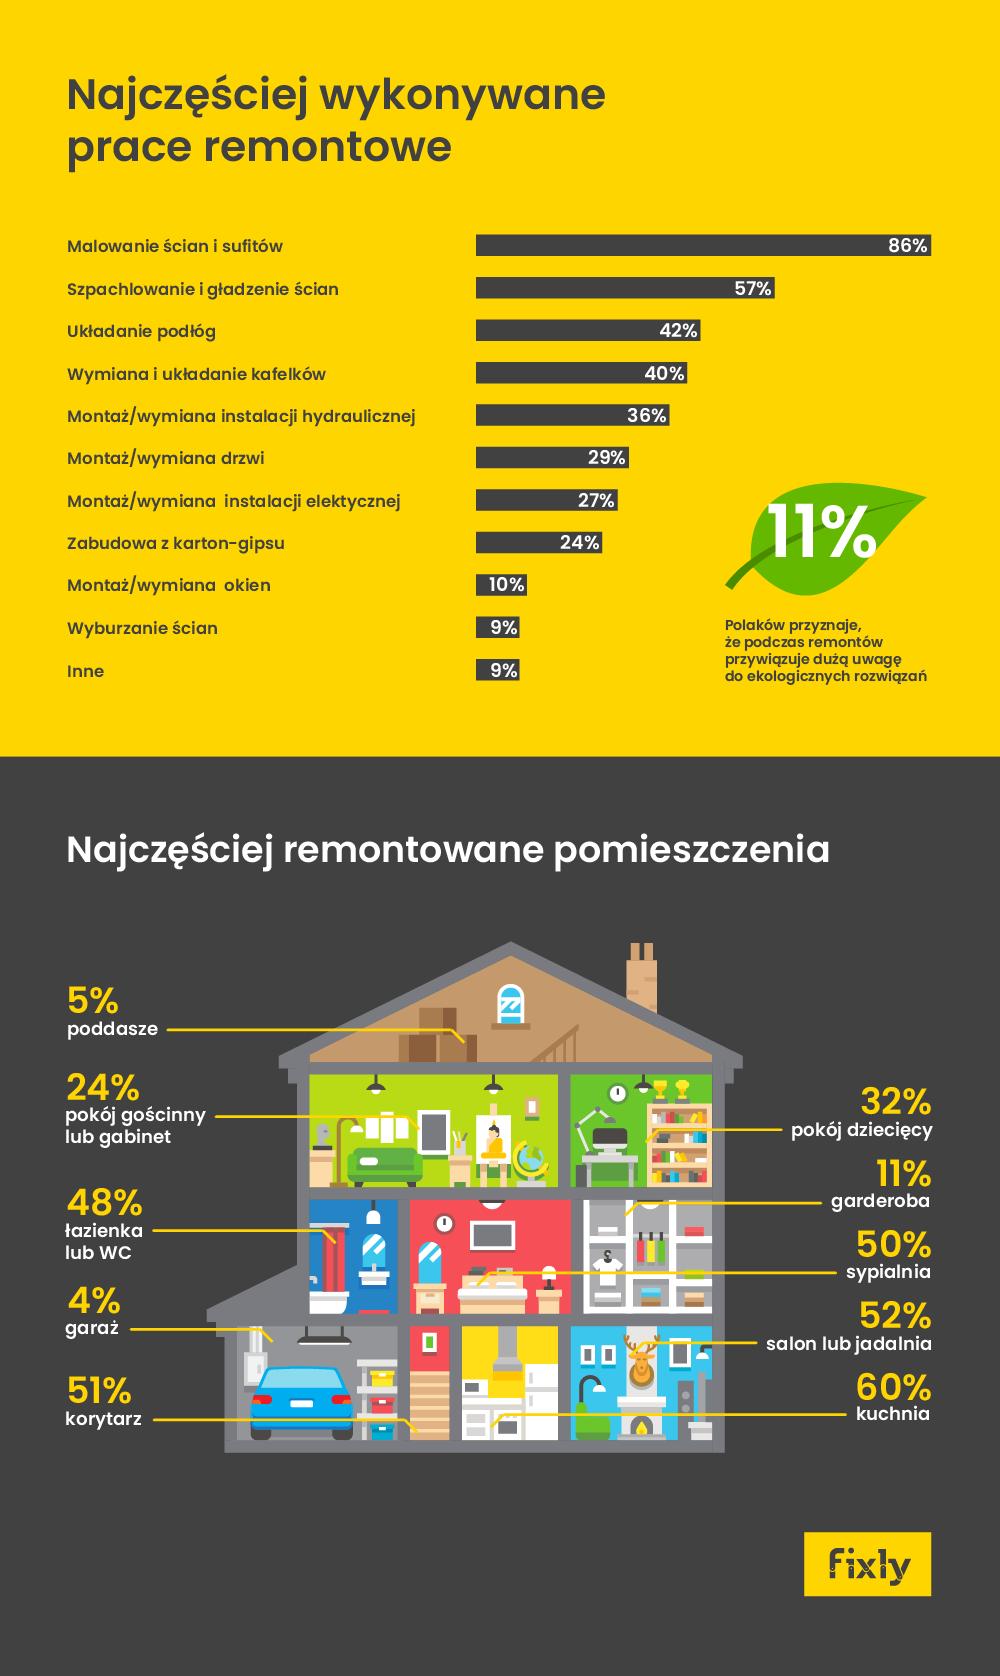 infografika prace remontowe iremontowane pomieszczenia 2018